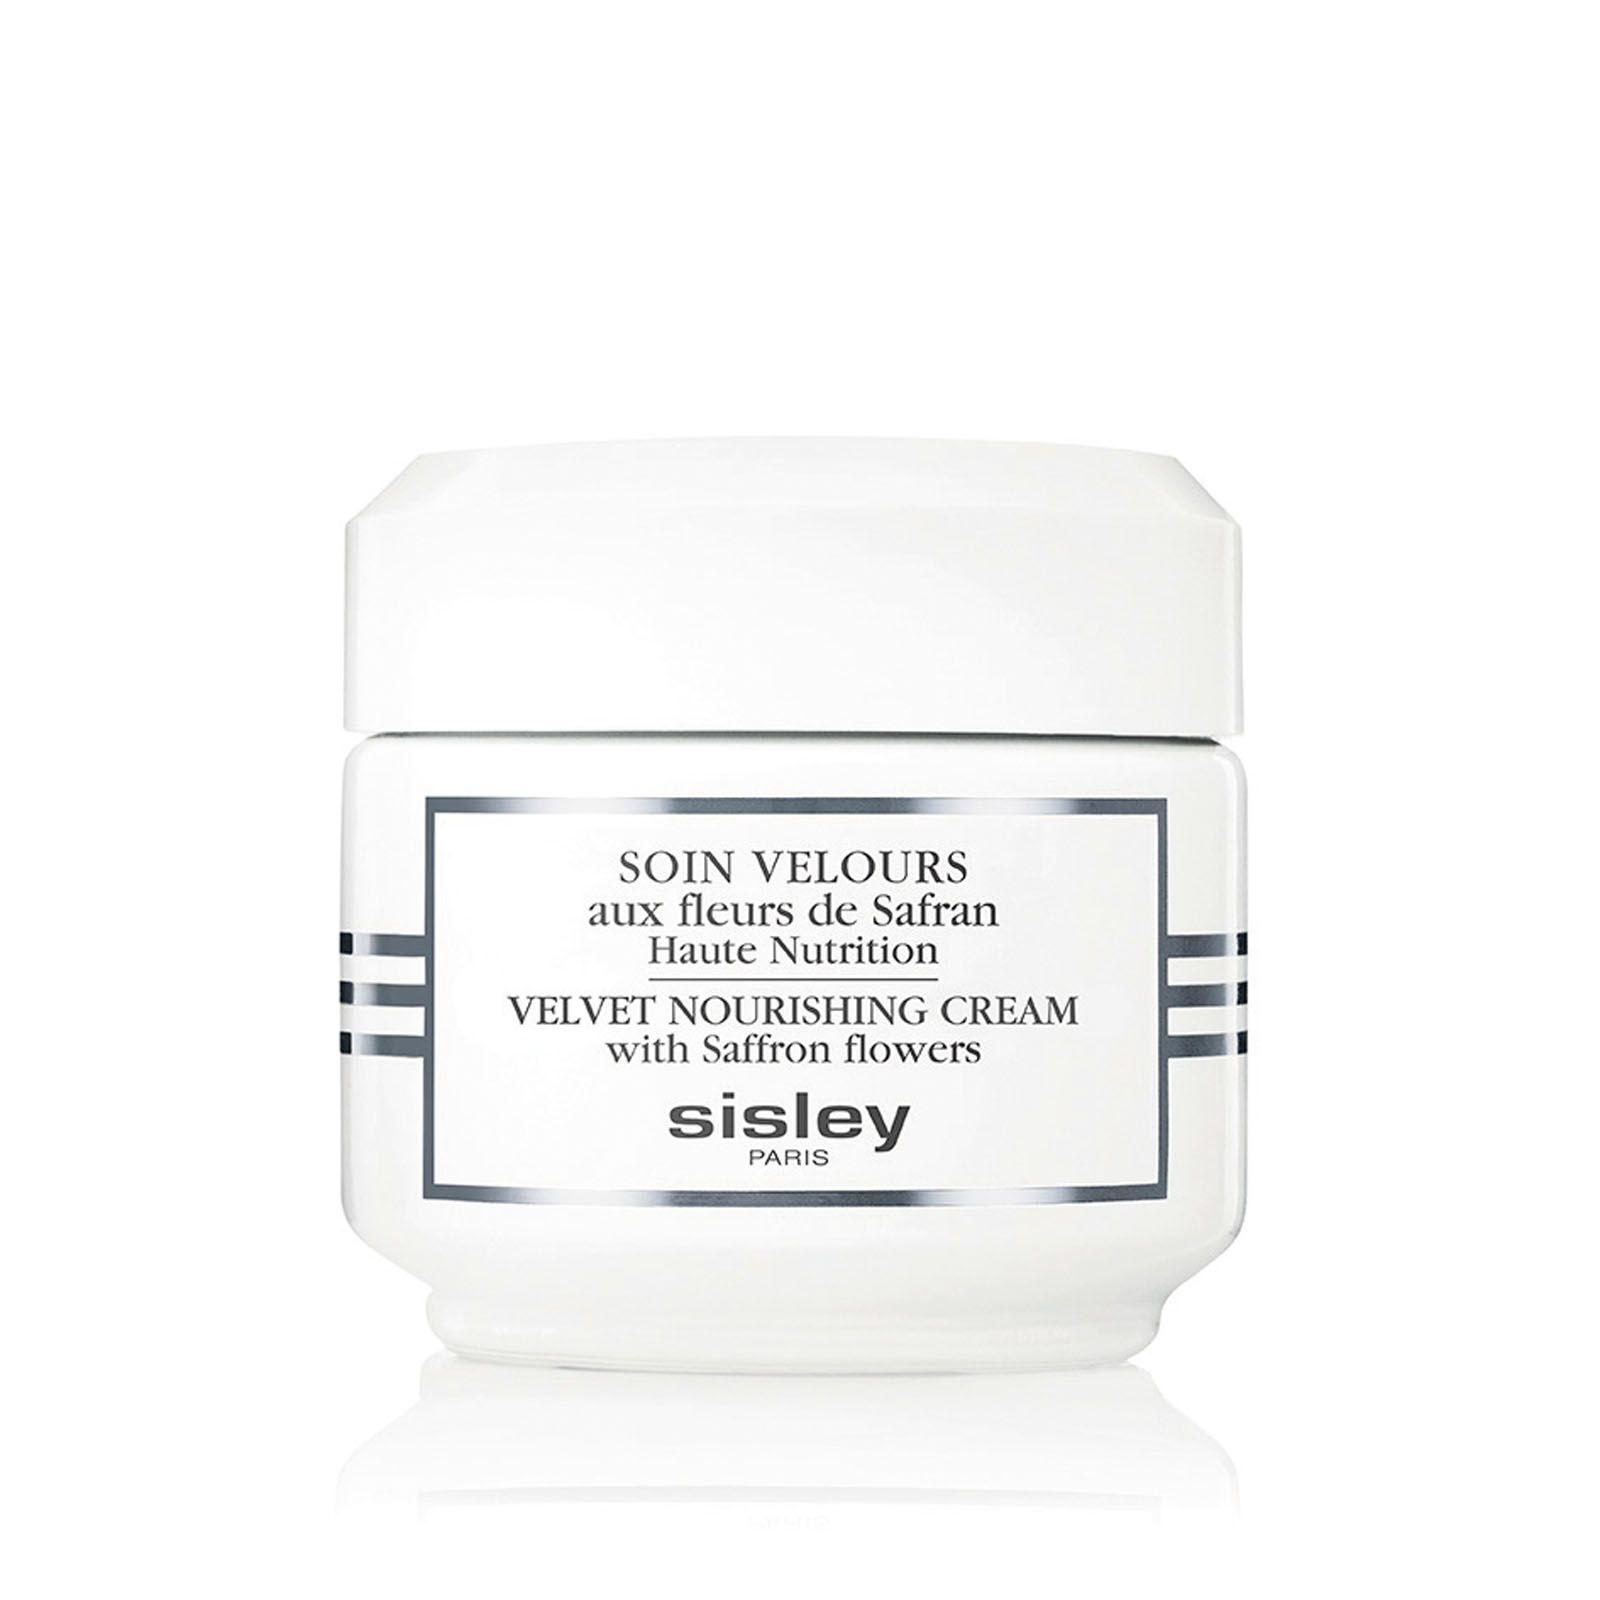 Sisley Velvet Nourishing Cream